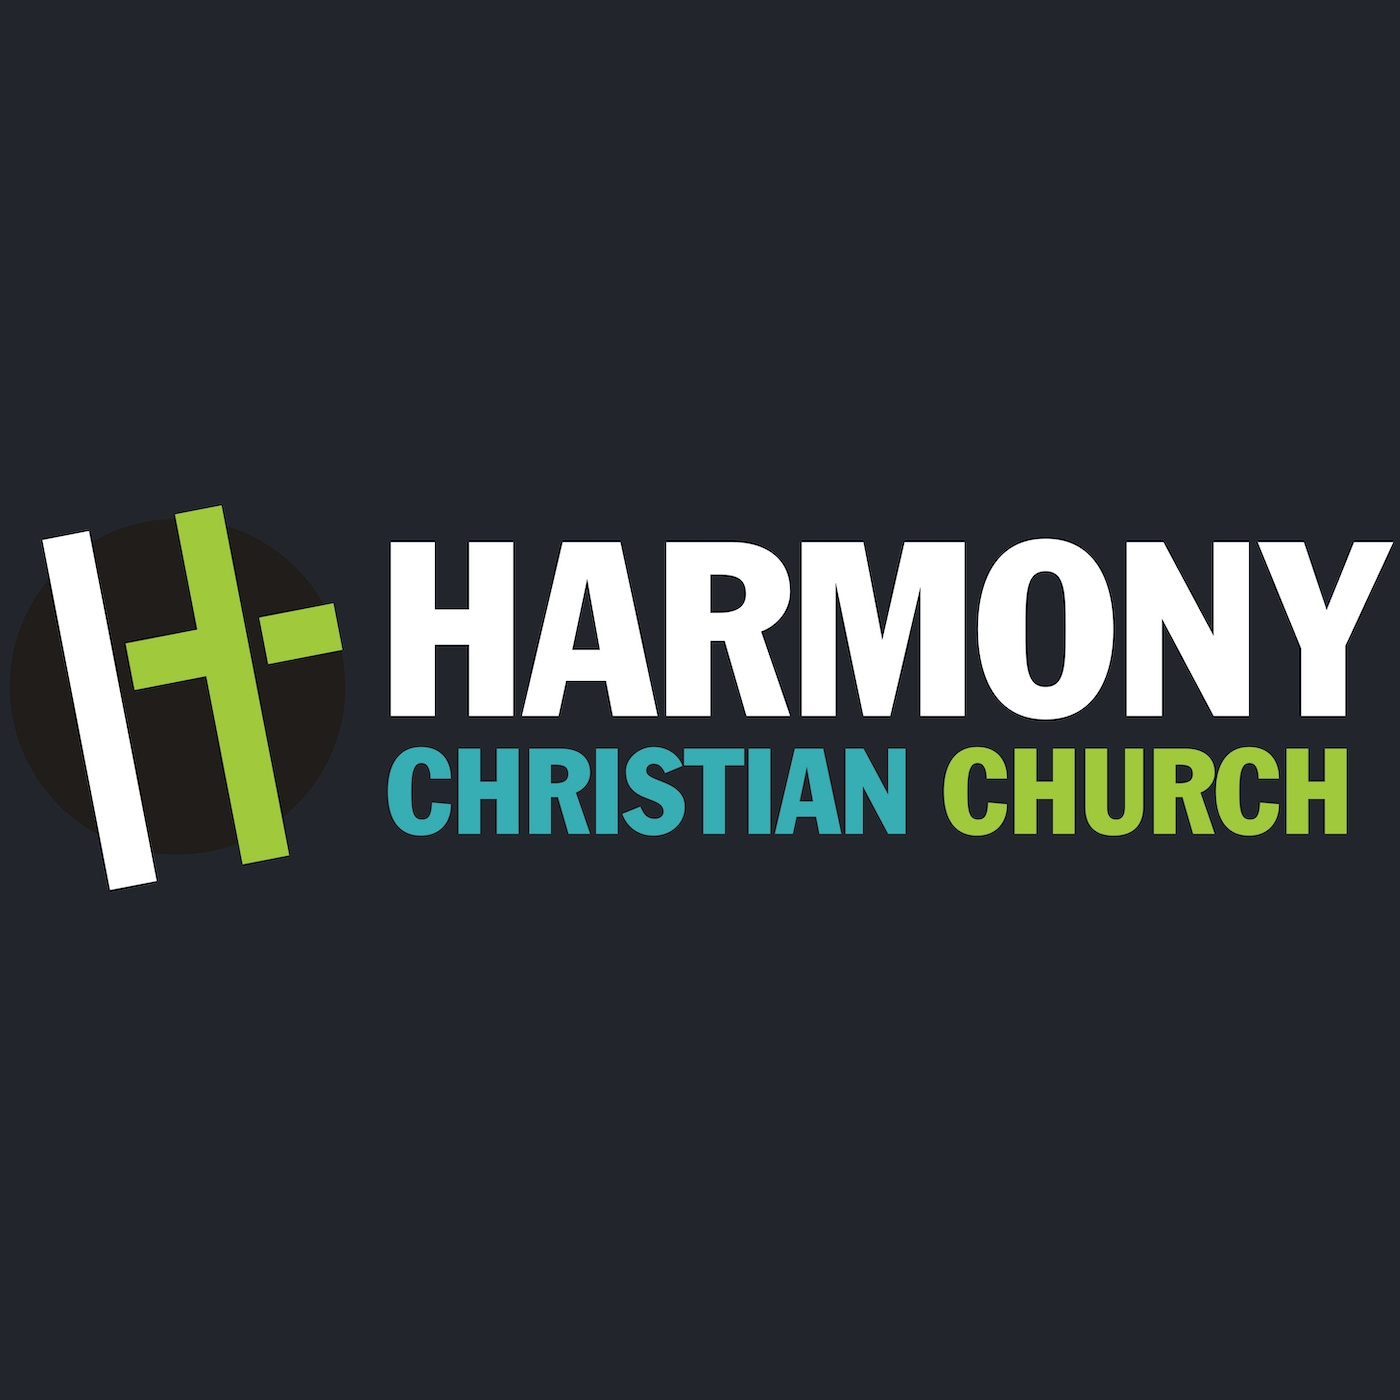 Harmony Christian Church